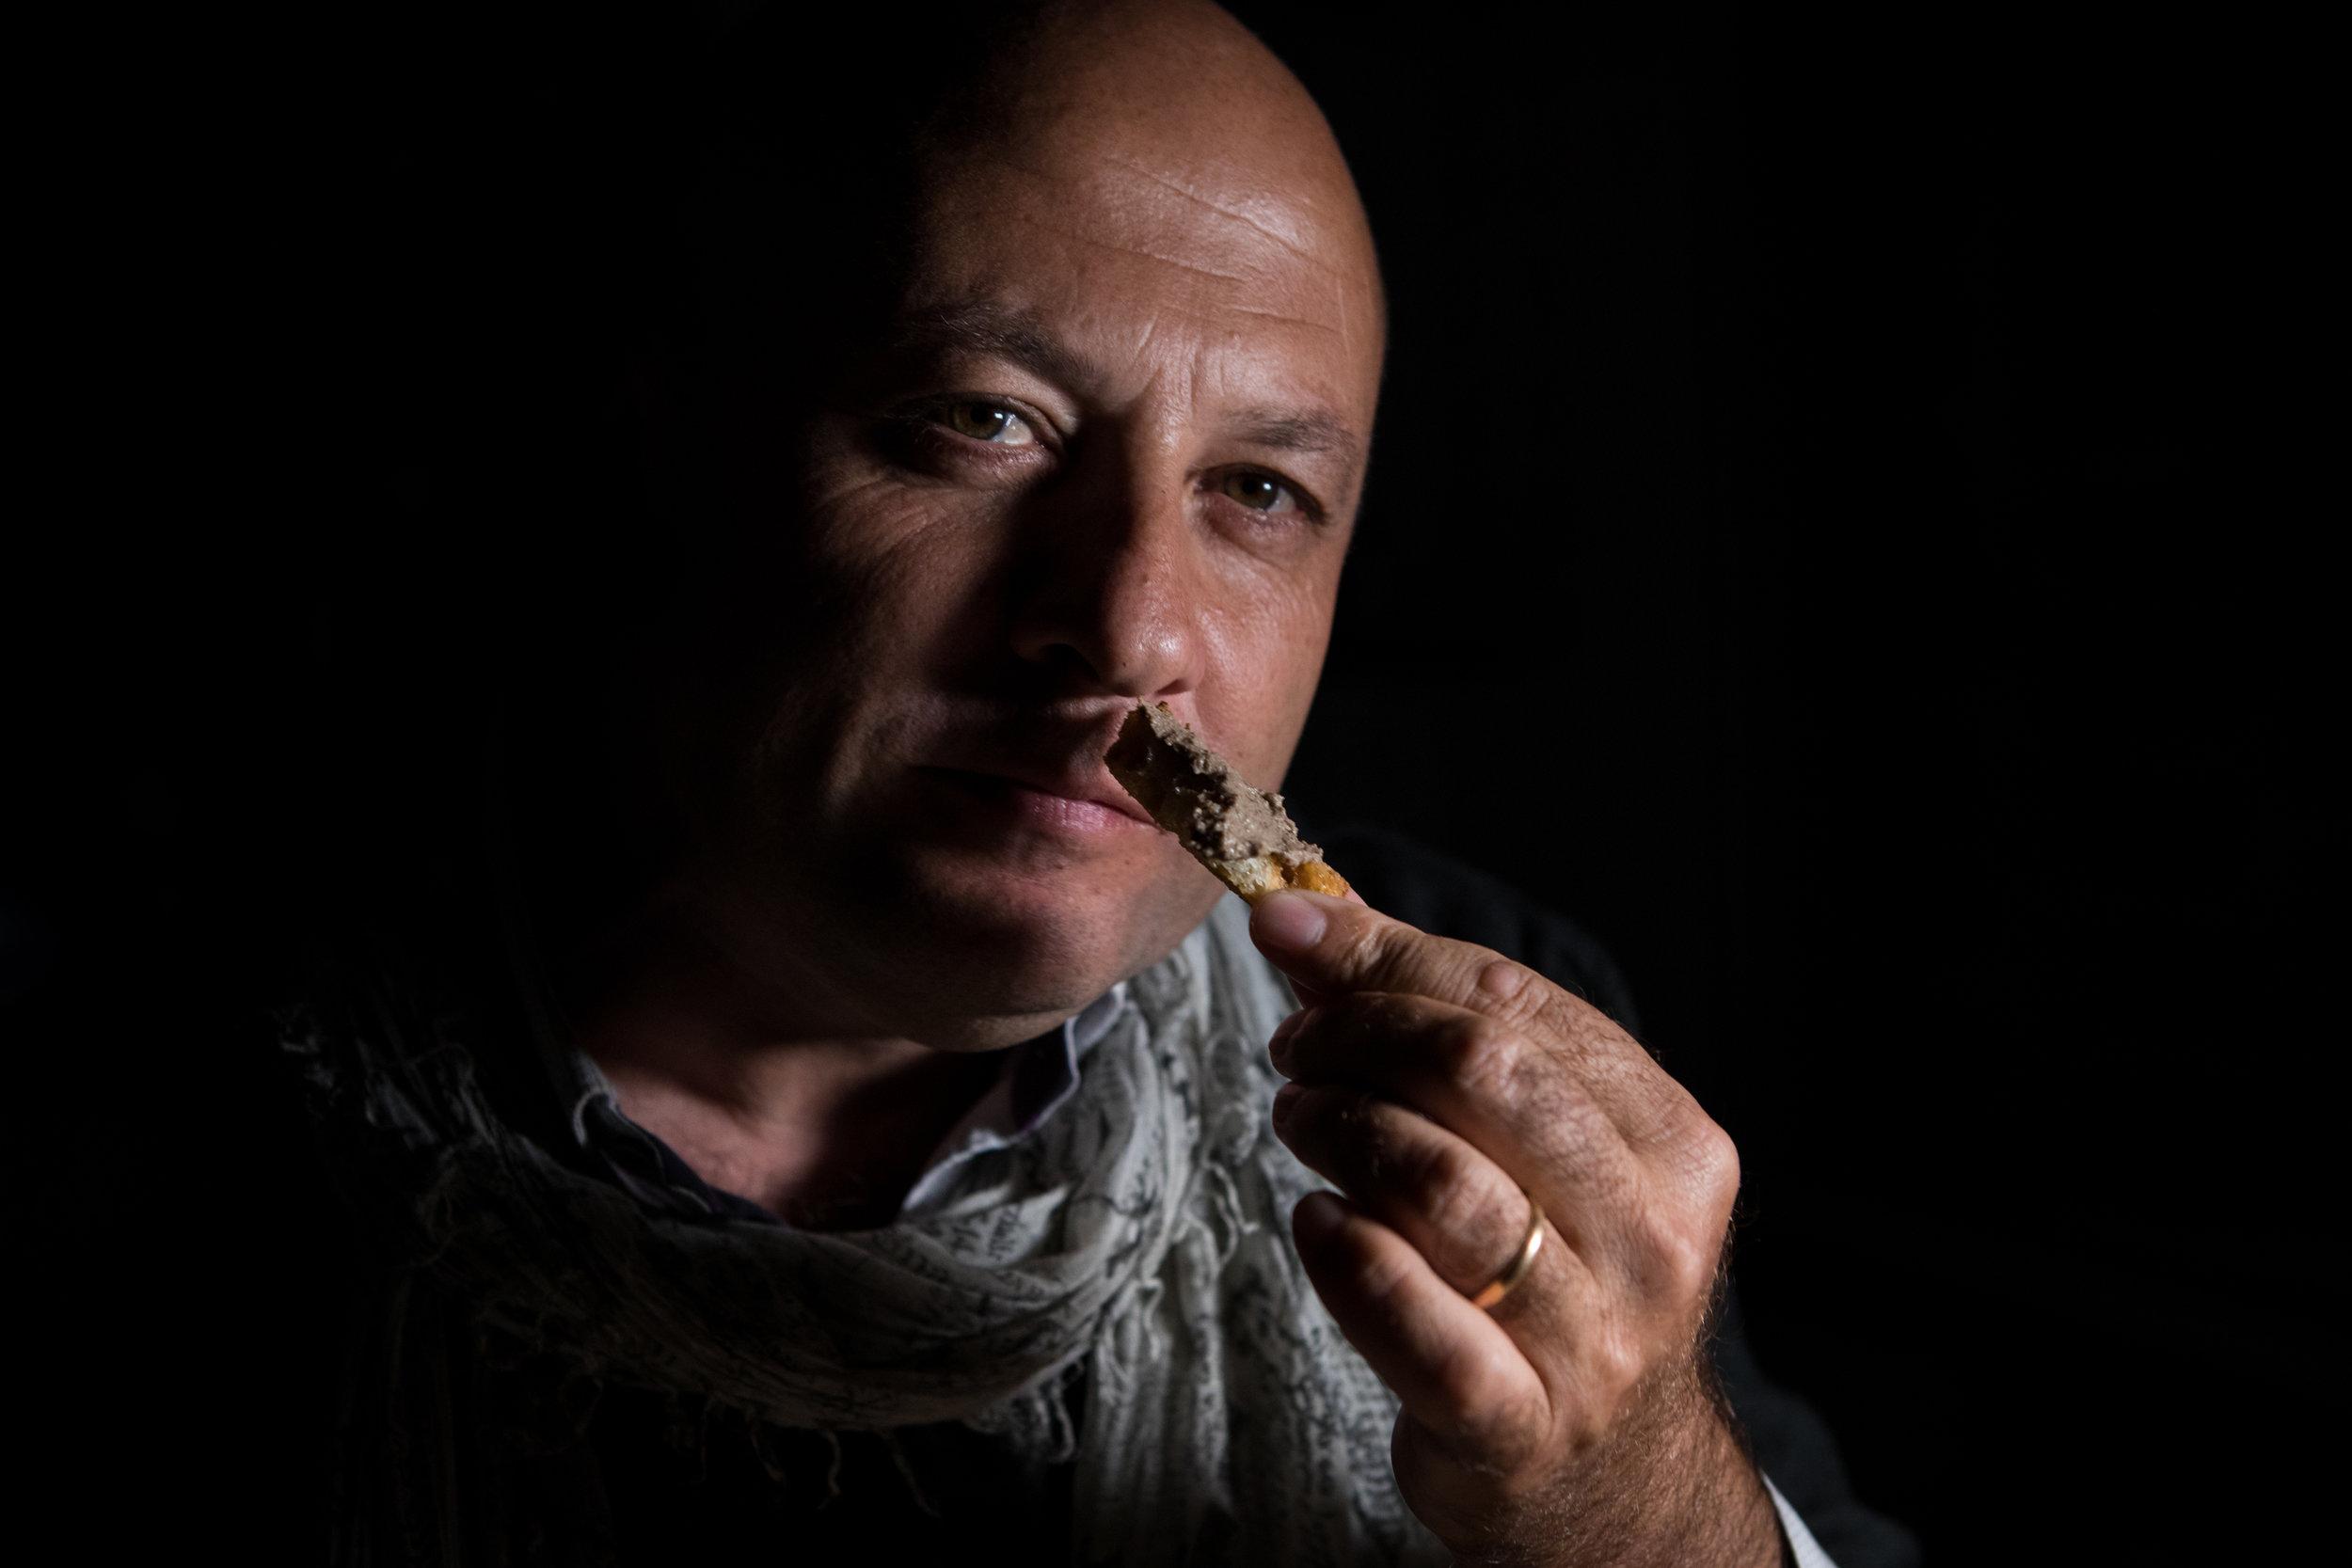 Carlo Giusti, La Vallata, Lajatico (PI) (C/O Aromi)